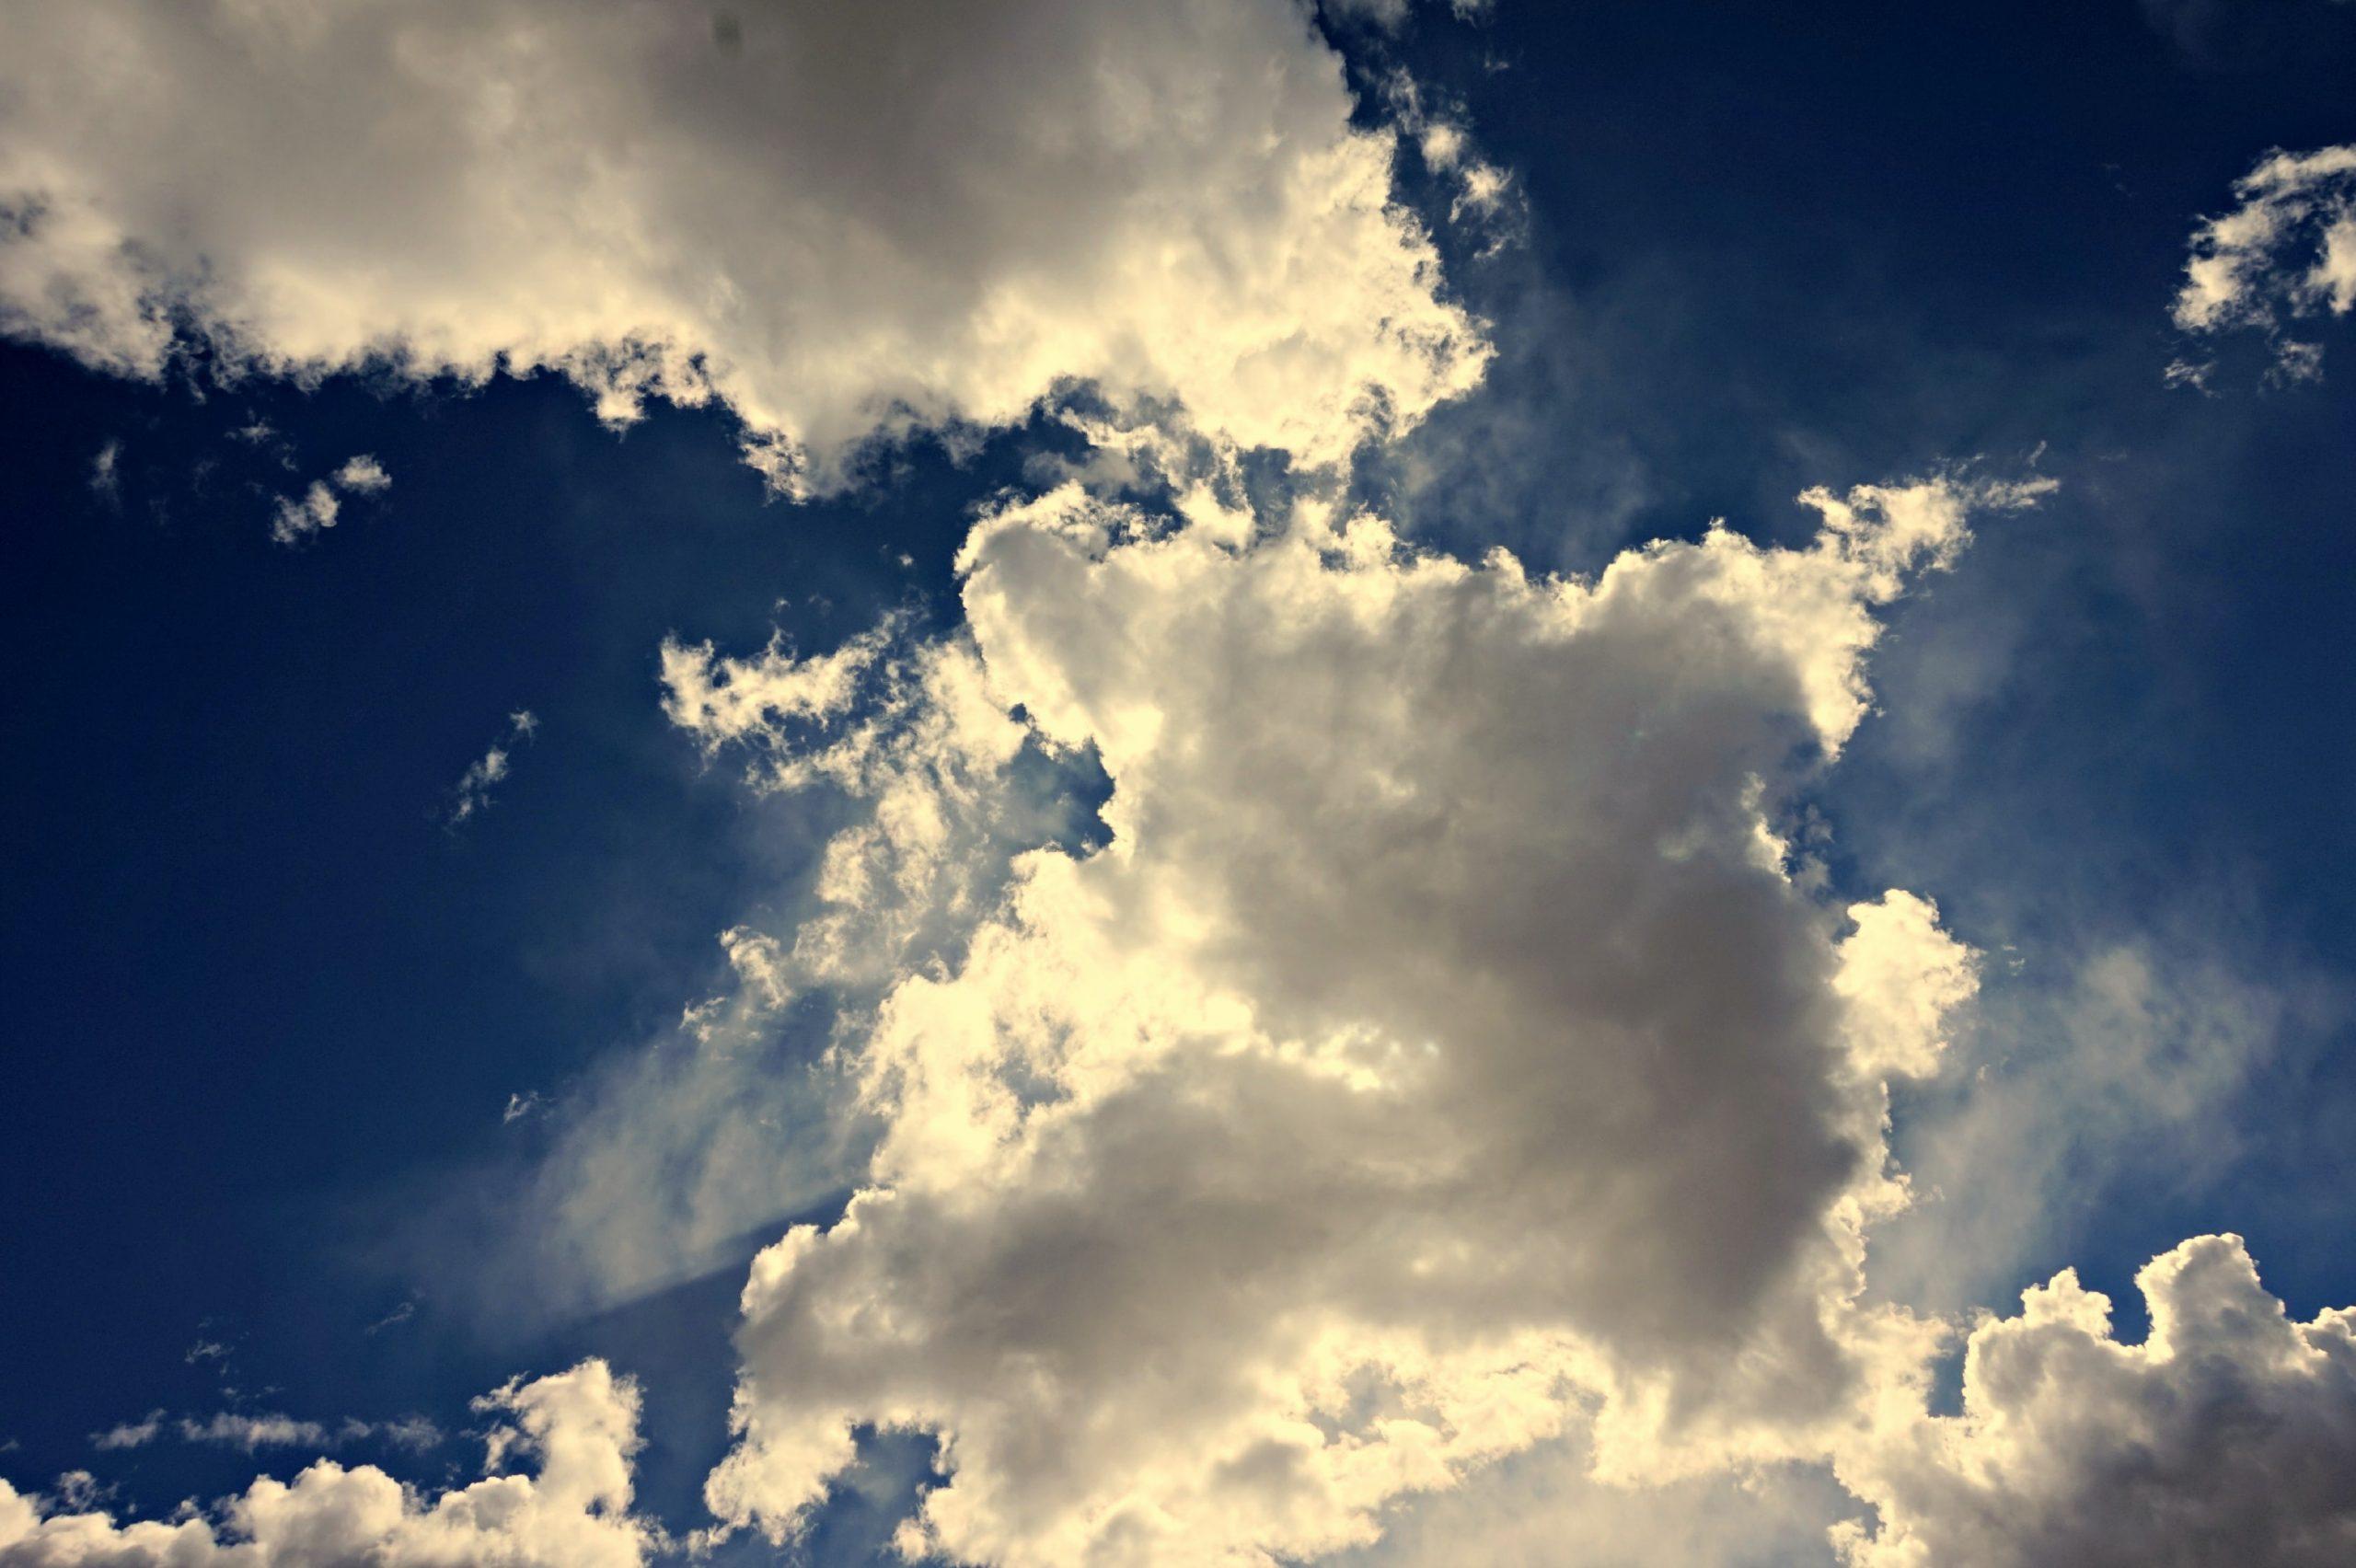 """Seré Breve: """"Estamos en la nube o en las nubes?"""""""